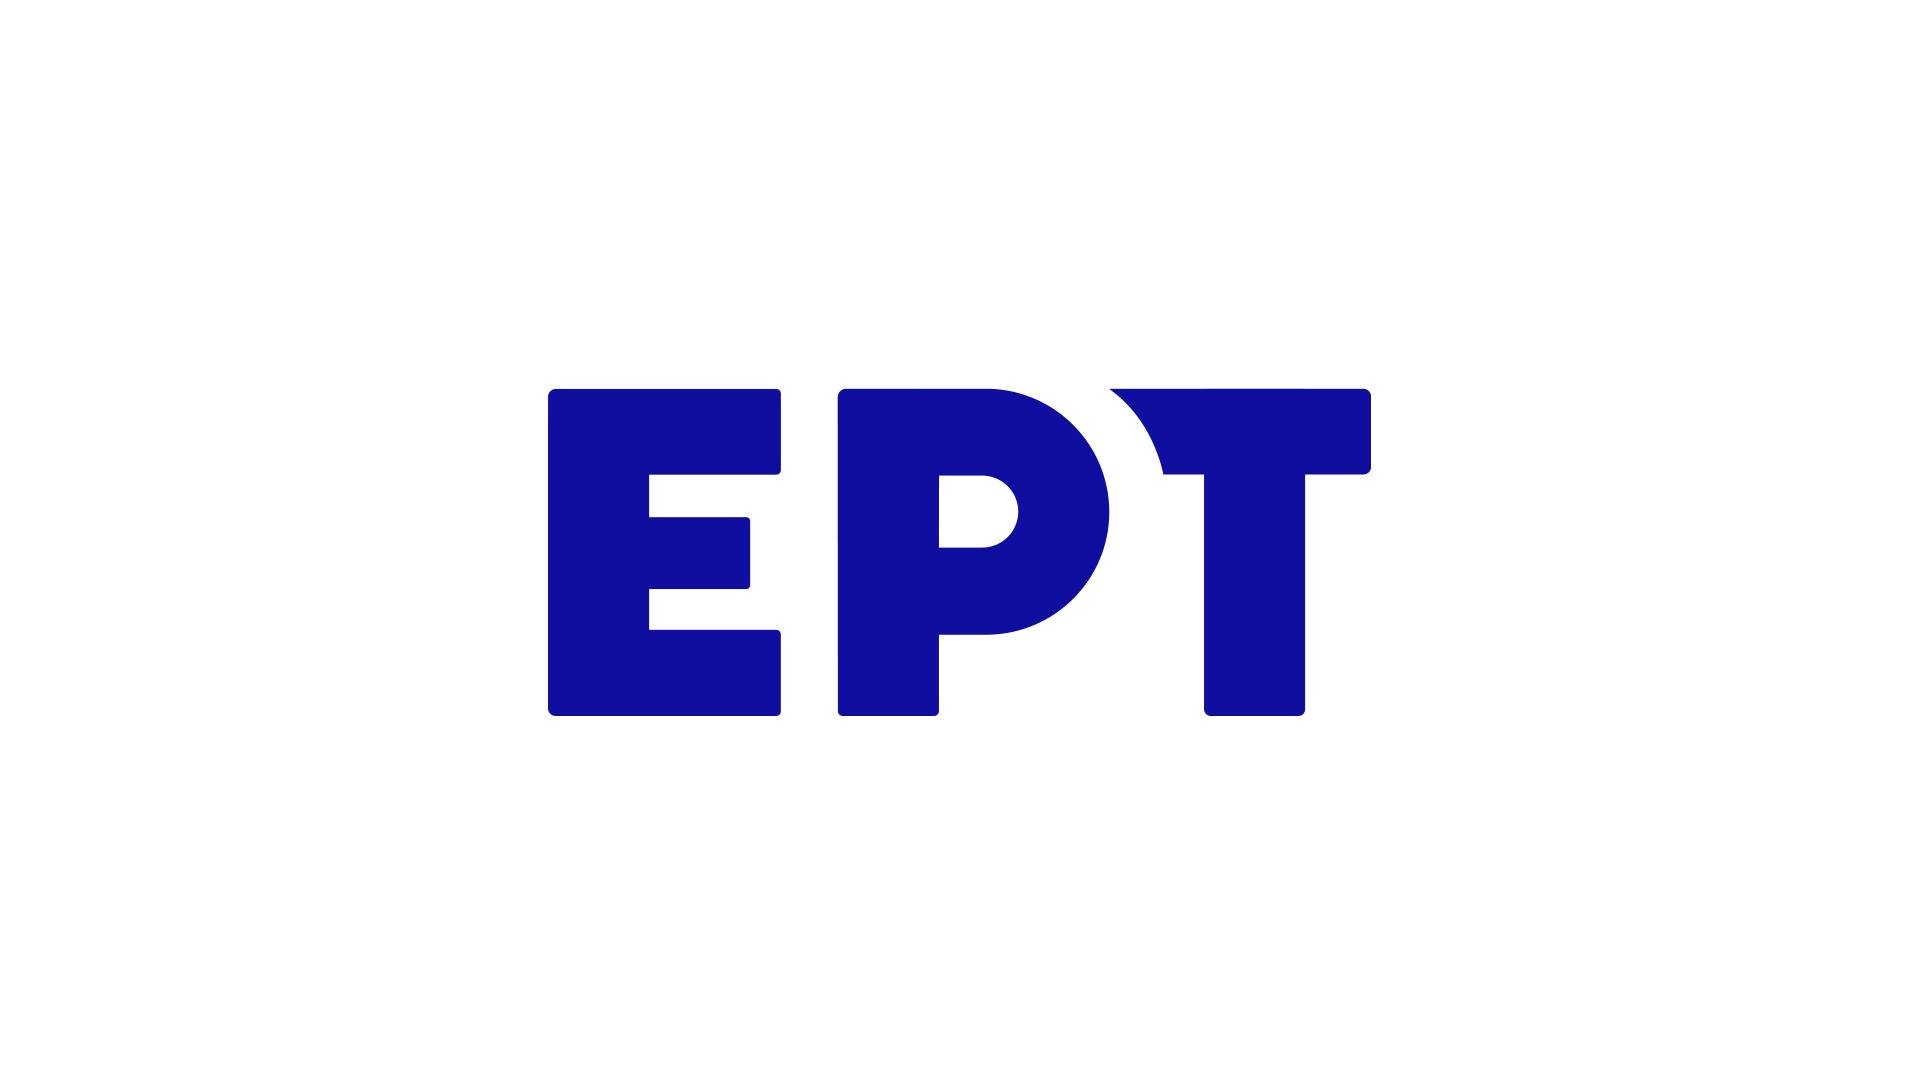 Το κεντρικό δελτίο ειδήσεων της ΕΡΤ από την Πύλη του Βραδεμβούργου λόγω των γερμανικών εκλογών